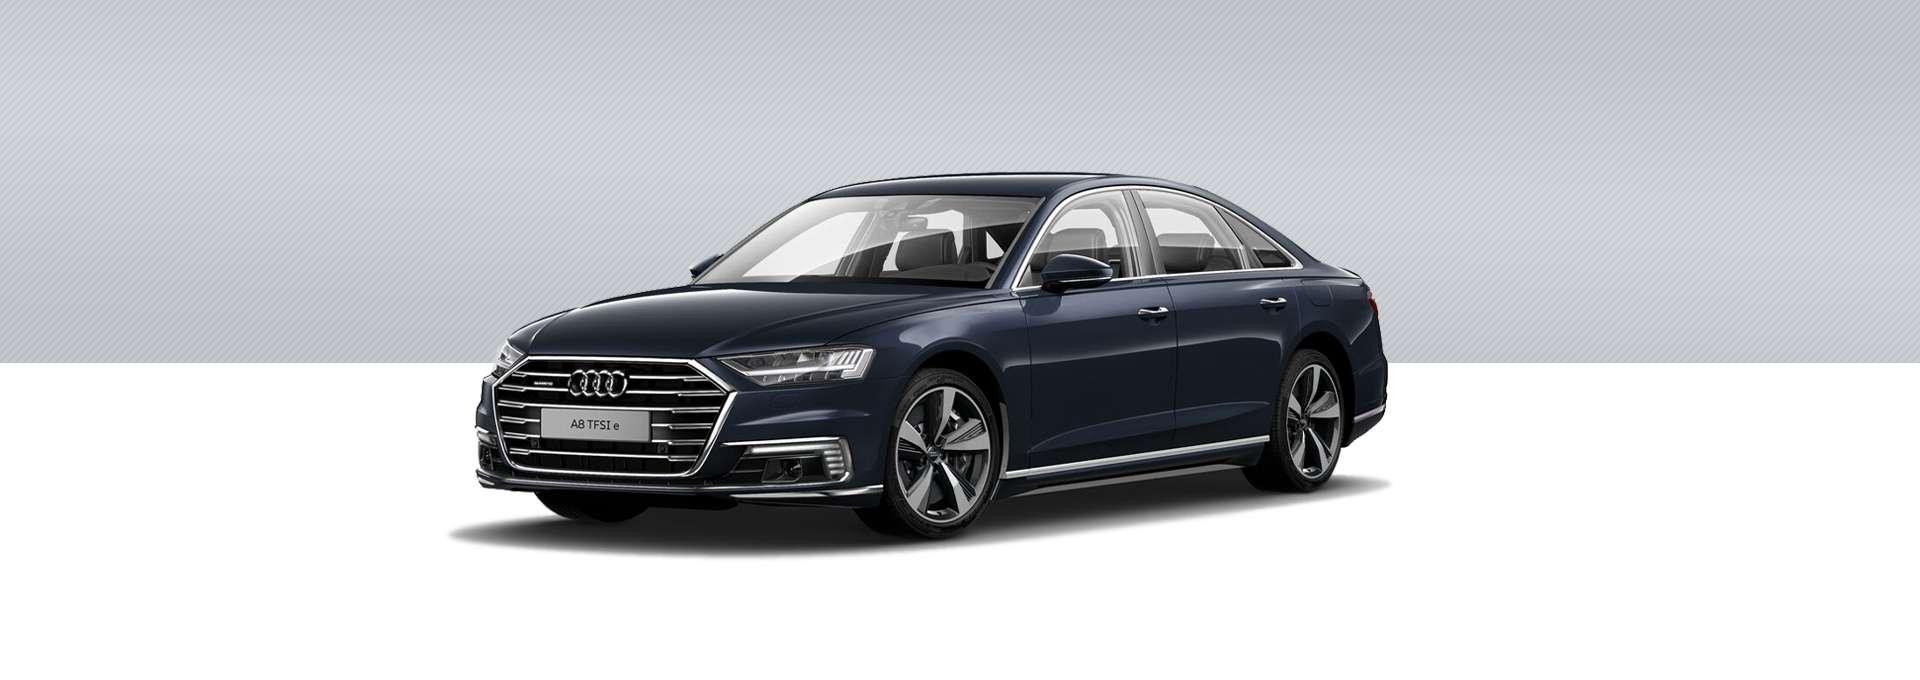 Audi Nuevo A8 TFSIe